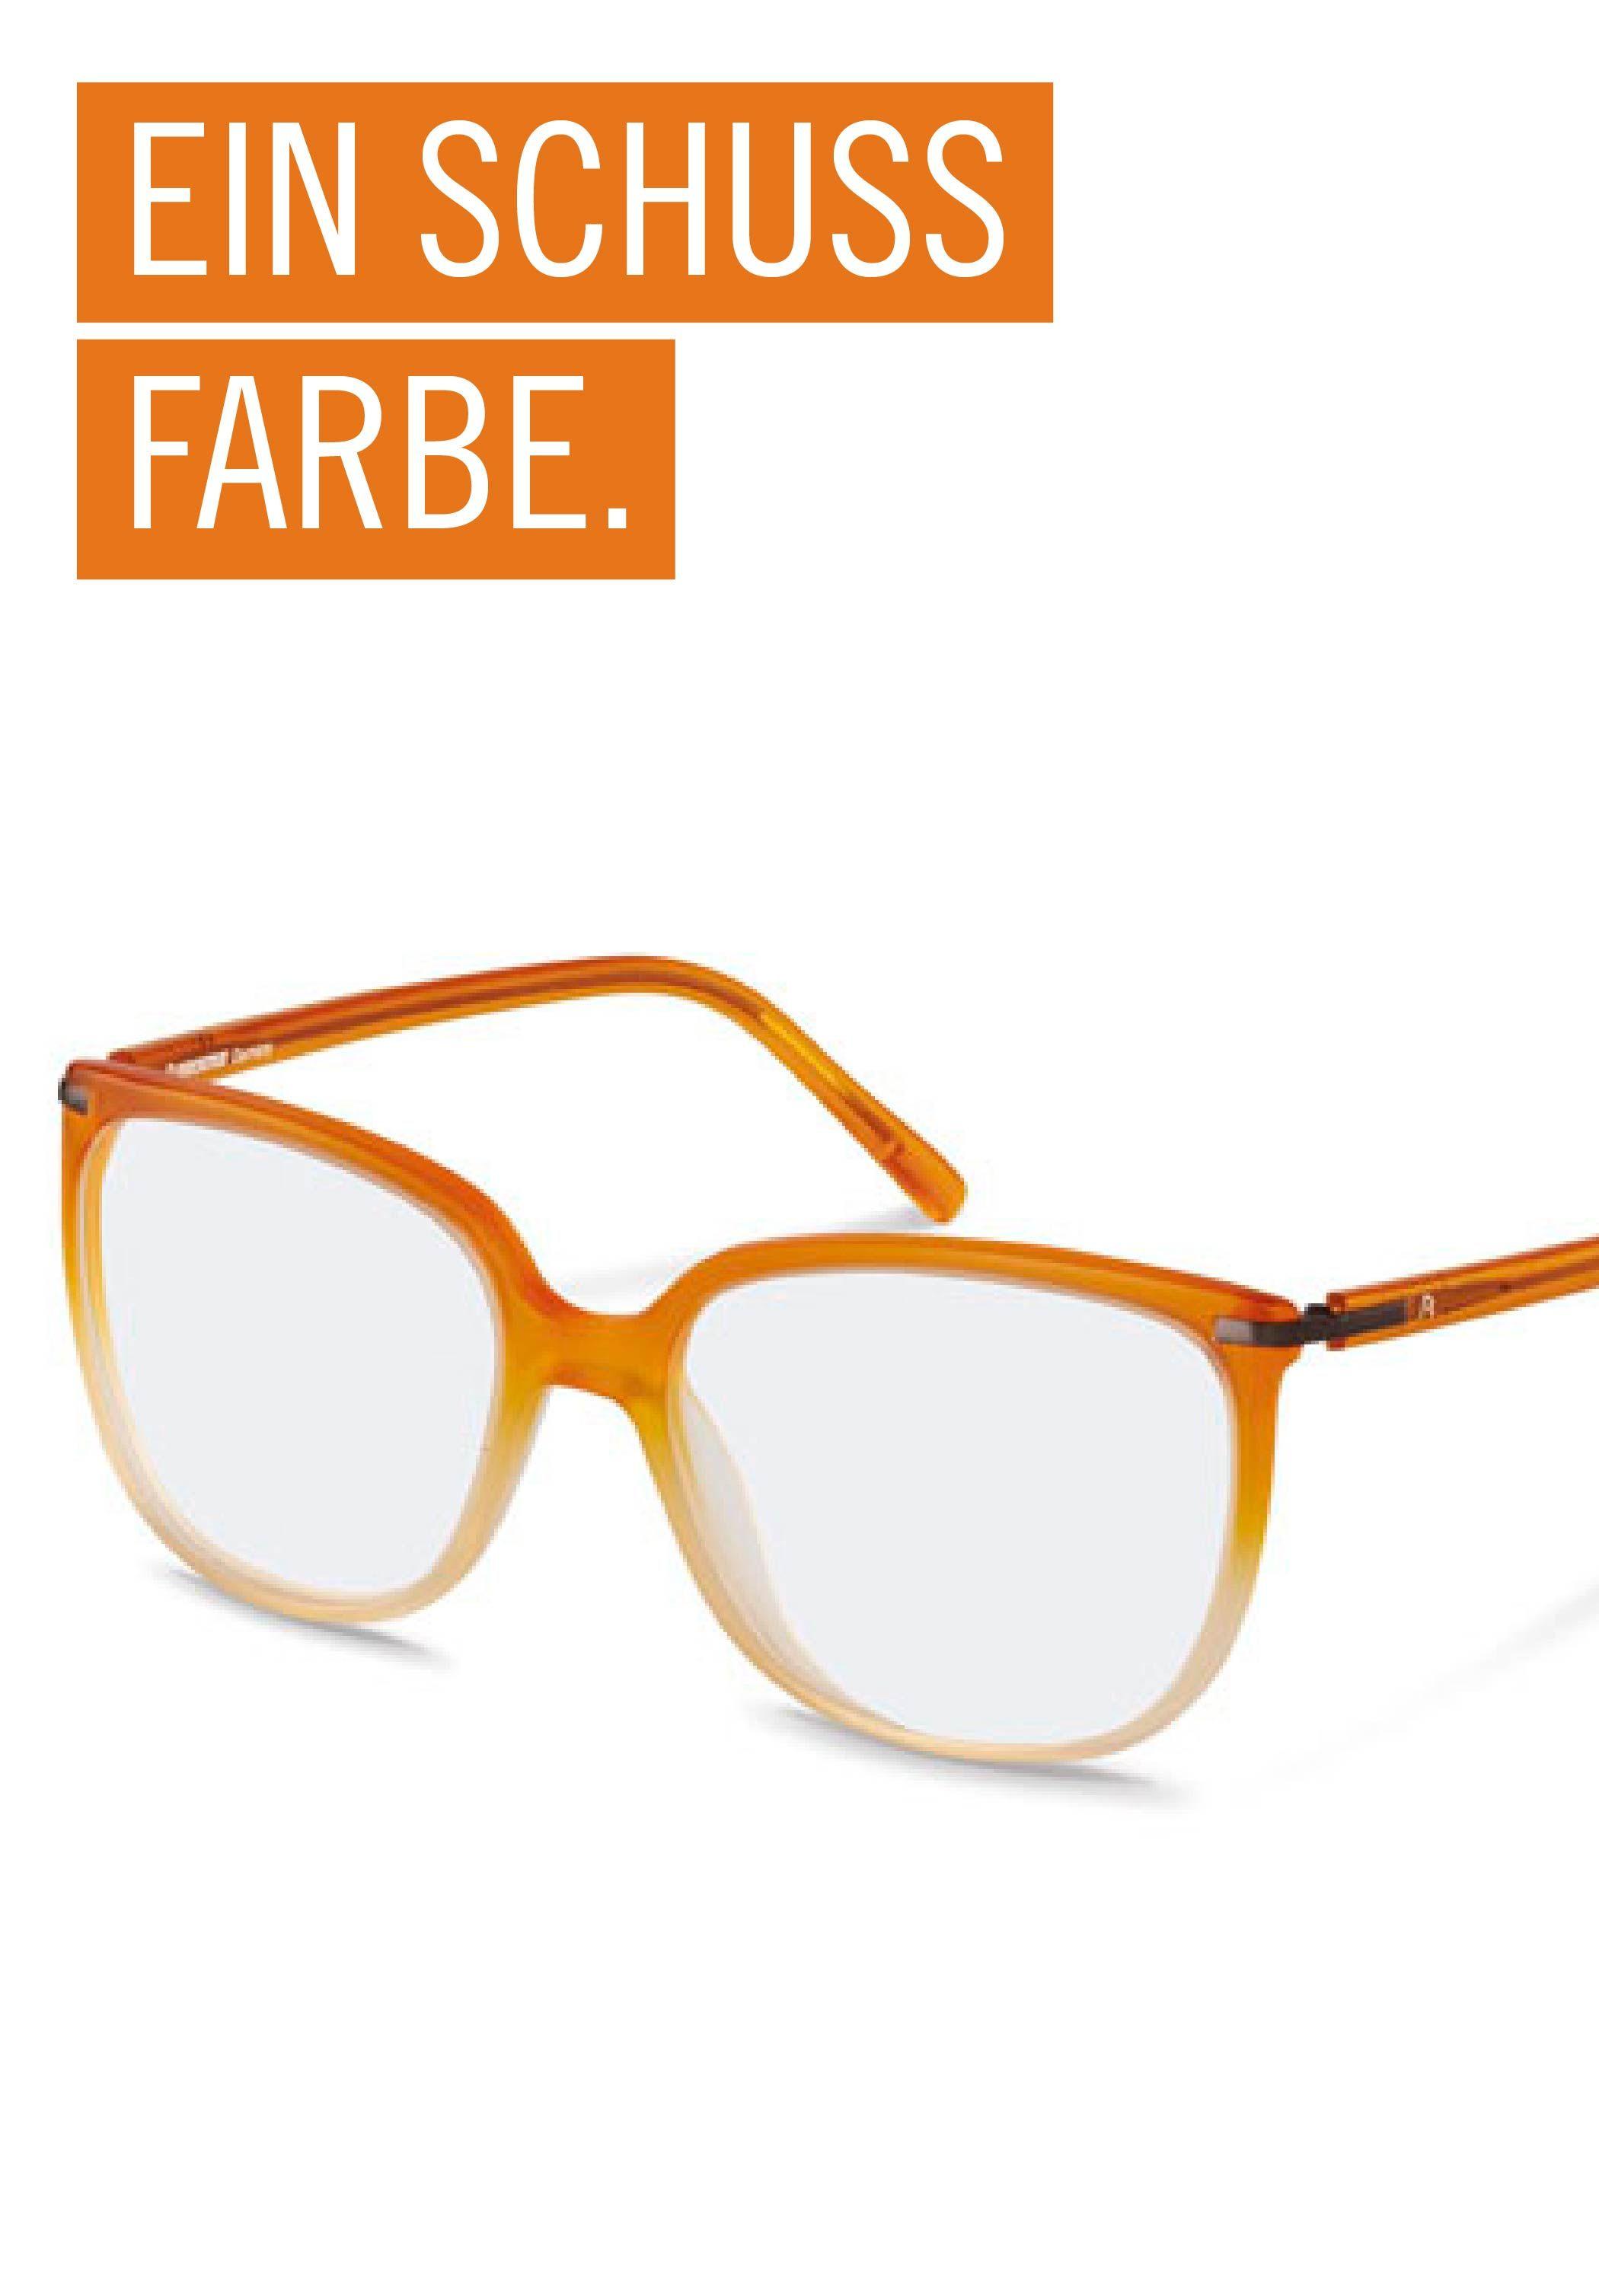 5e98d92579eb Setzen Sie ein Statement mit dem Schuss Farbe dieser Rodenstock Brille.  Dieses Modell harmoniert bestens sowohl mit Alltagskleidung als auch mit ...